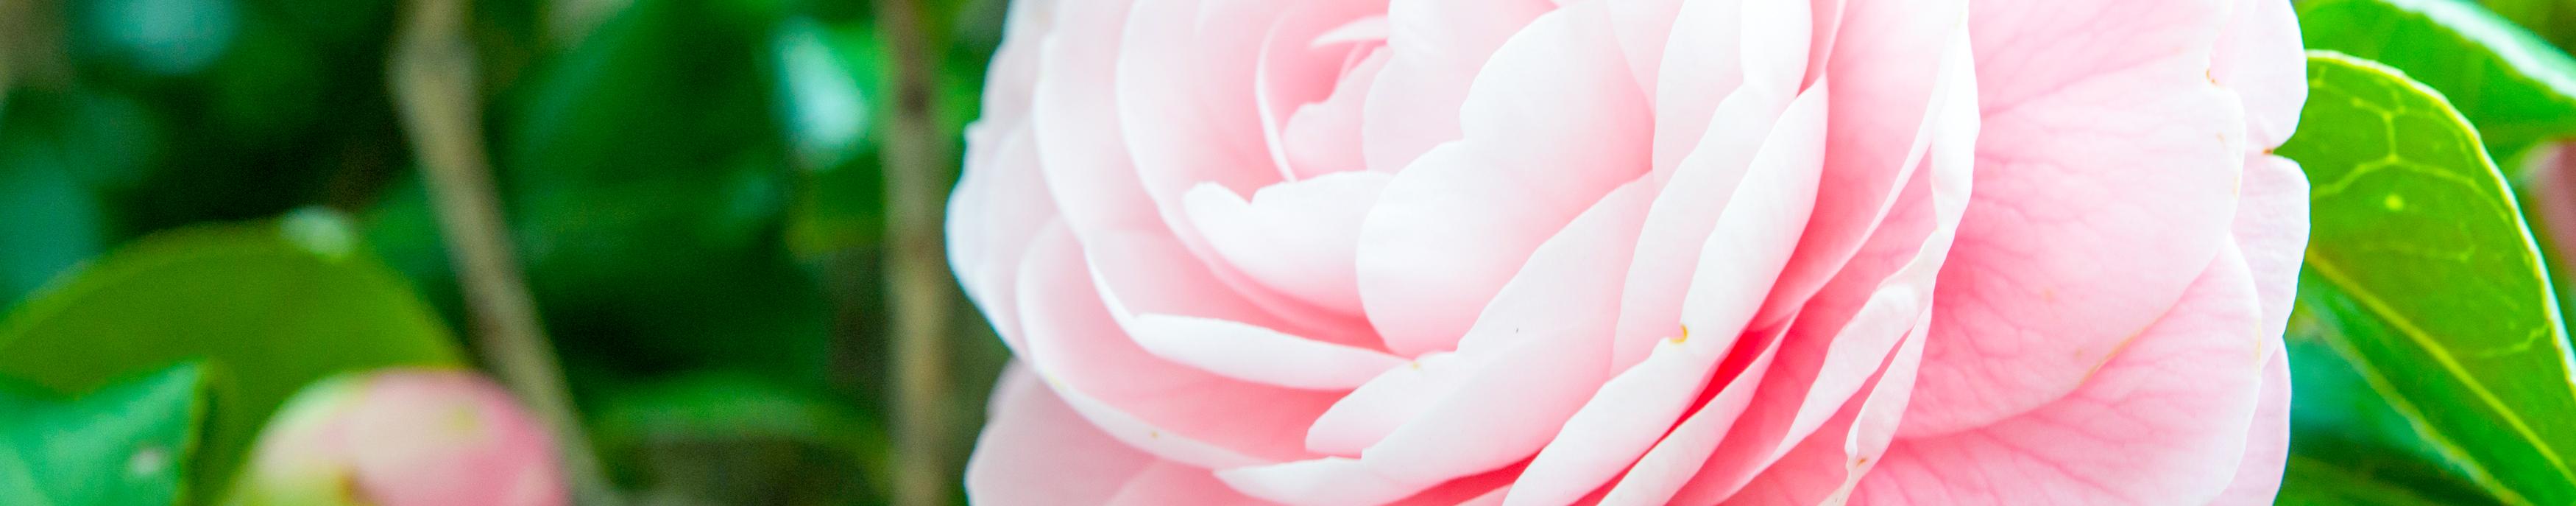 rose camellia plum soft-water mist